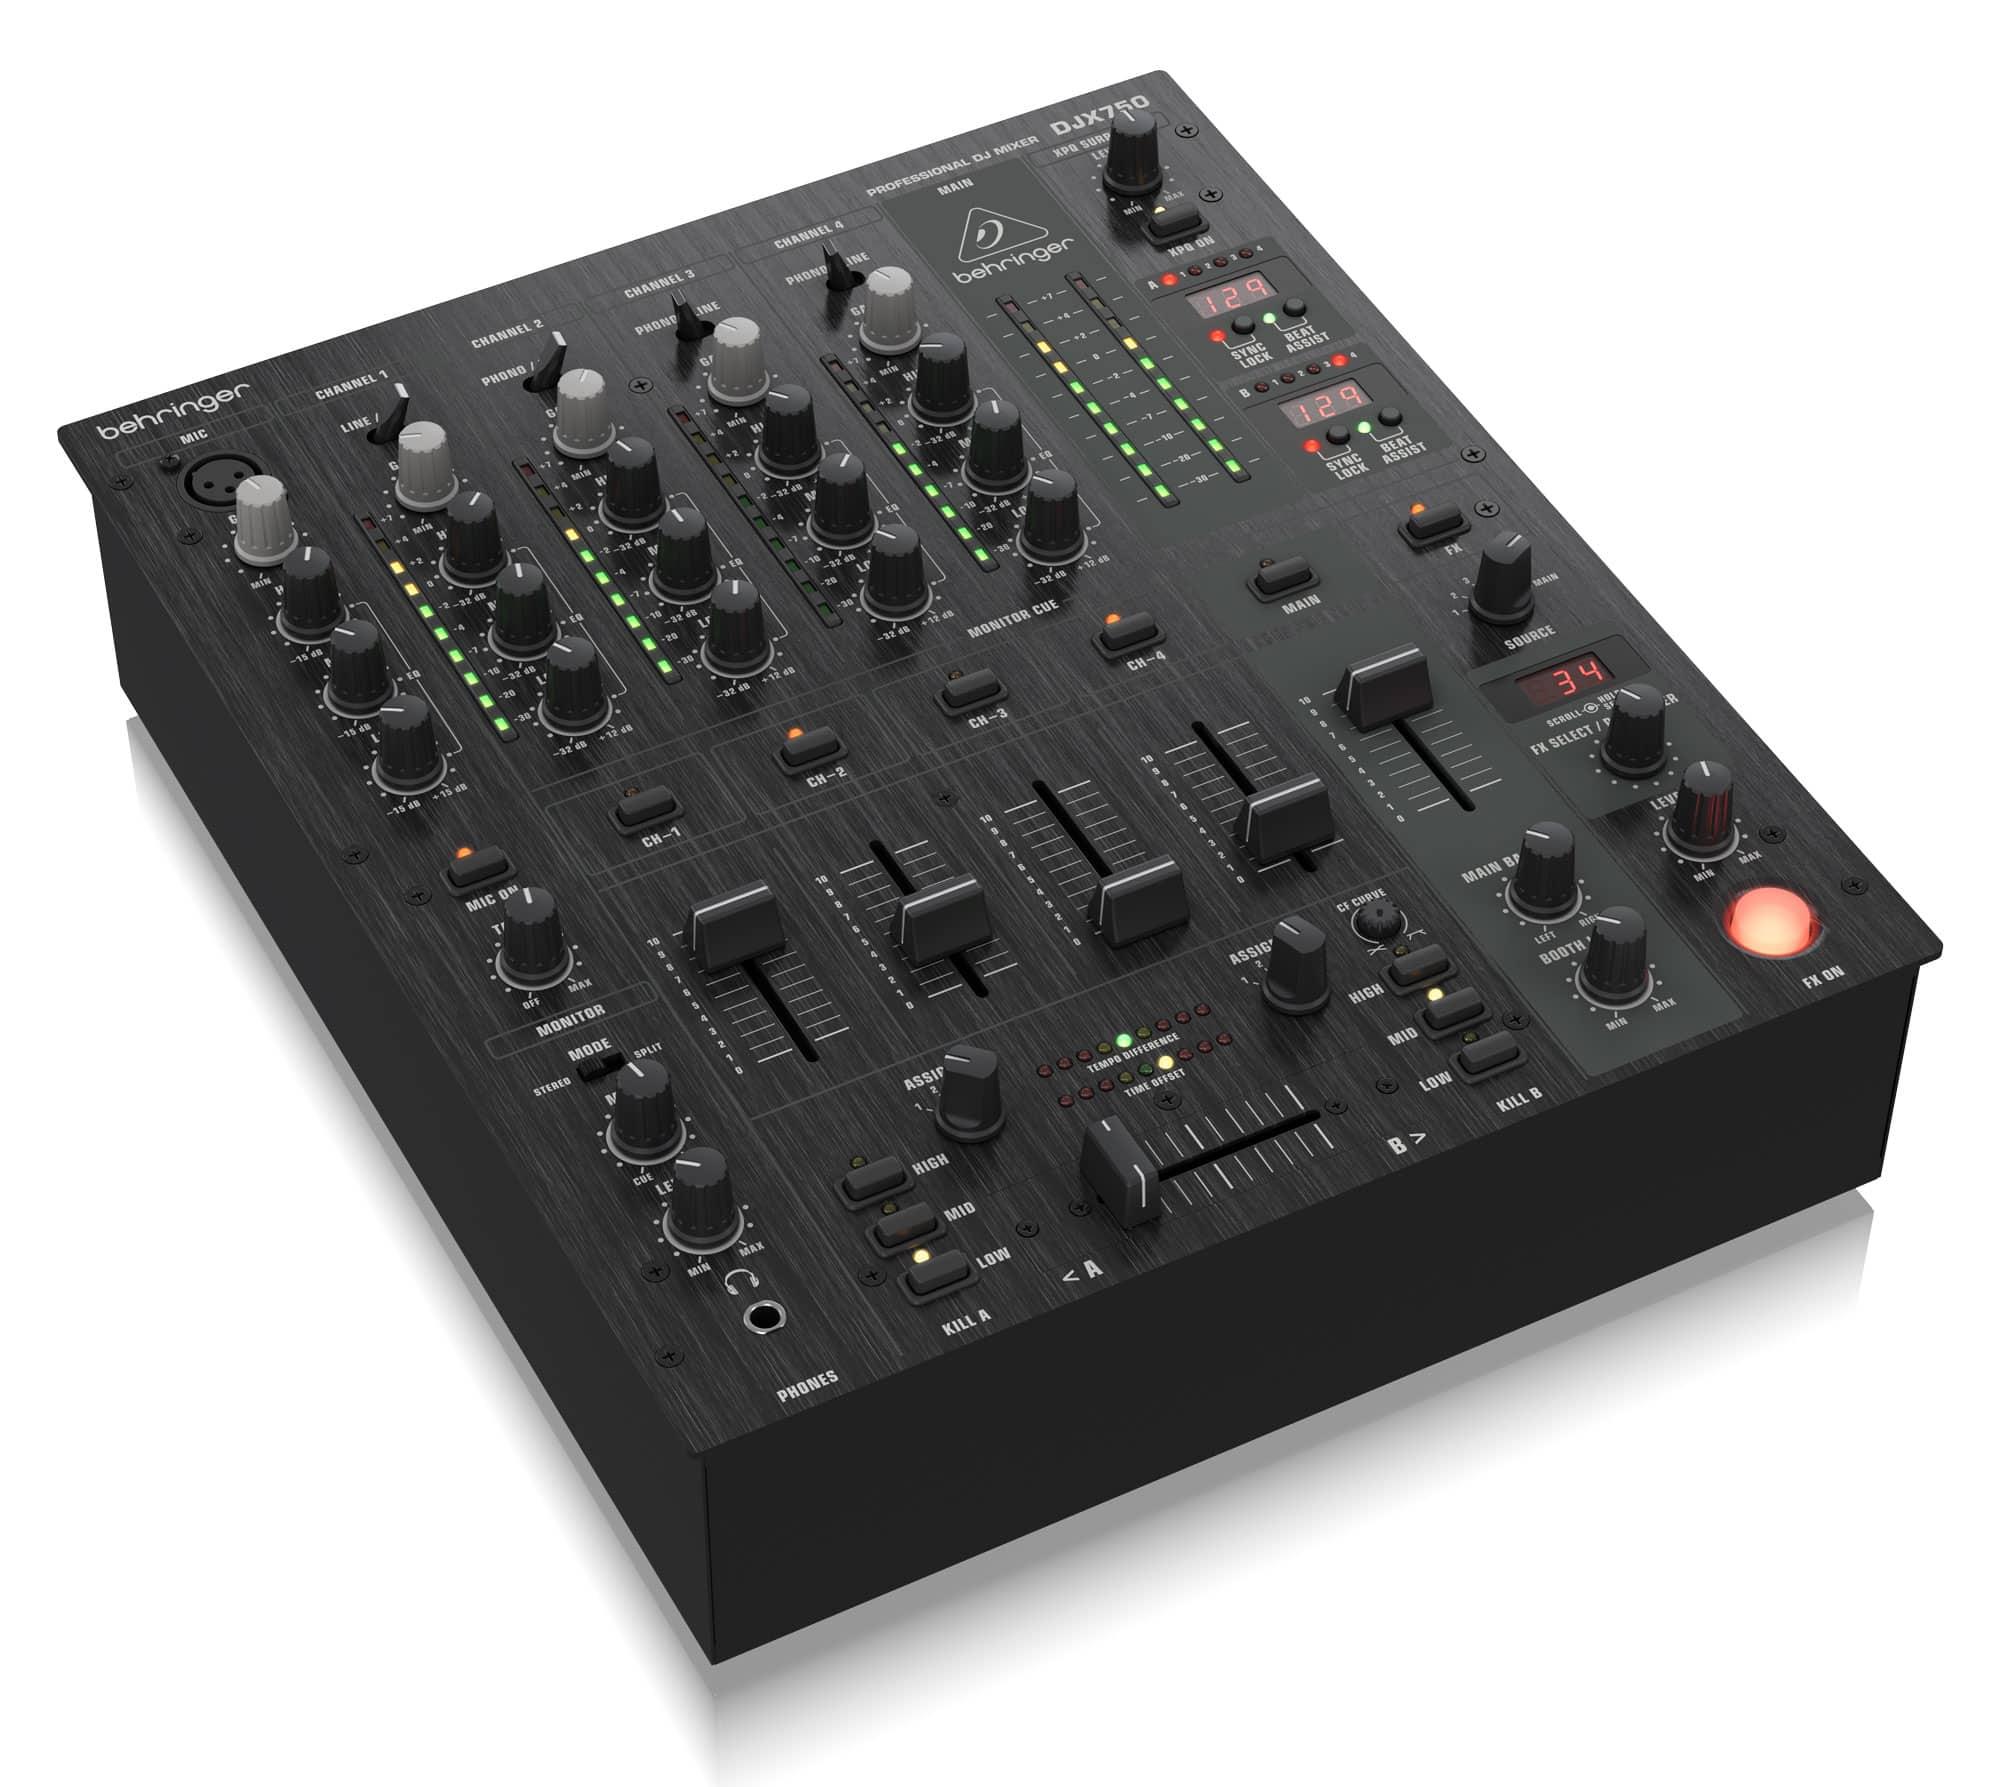 Behringer DJX750 DJ Mixer